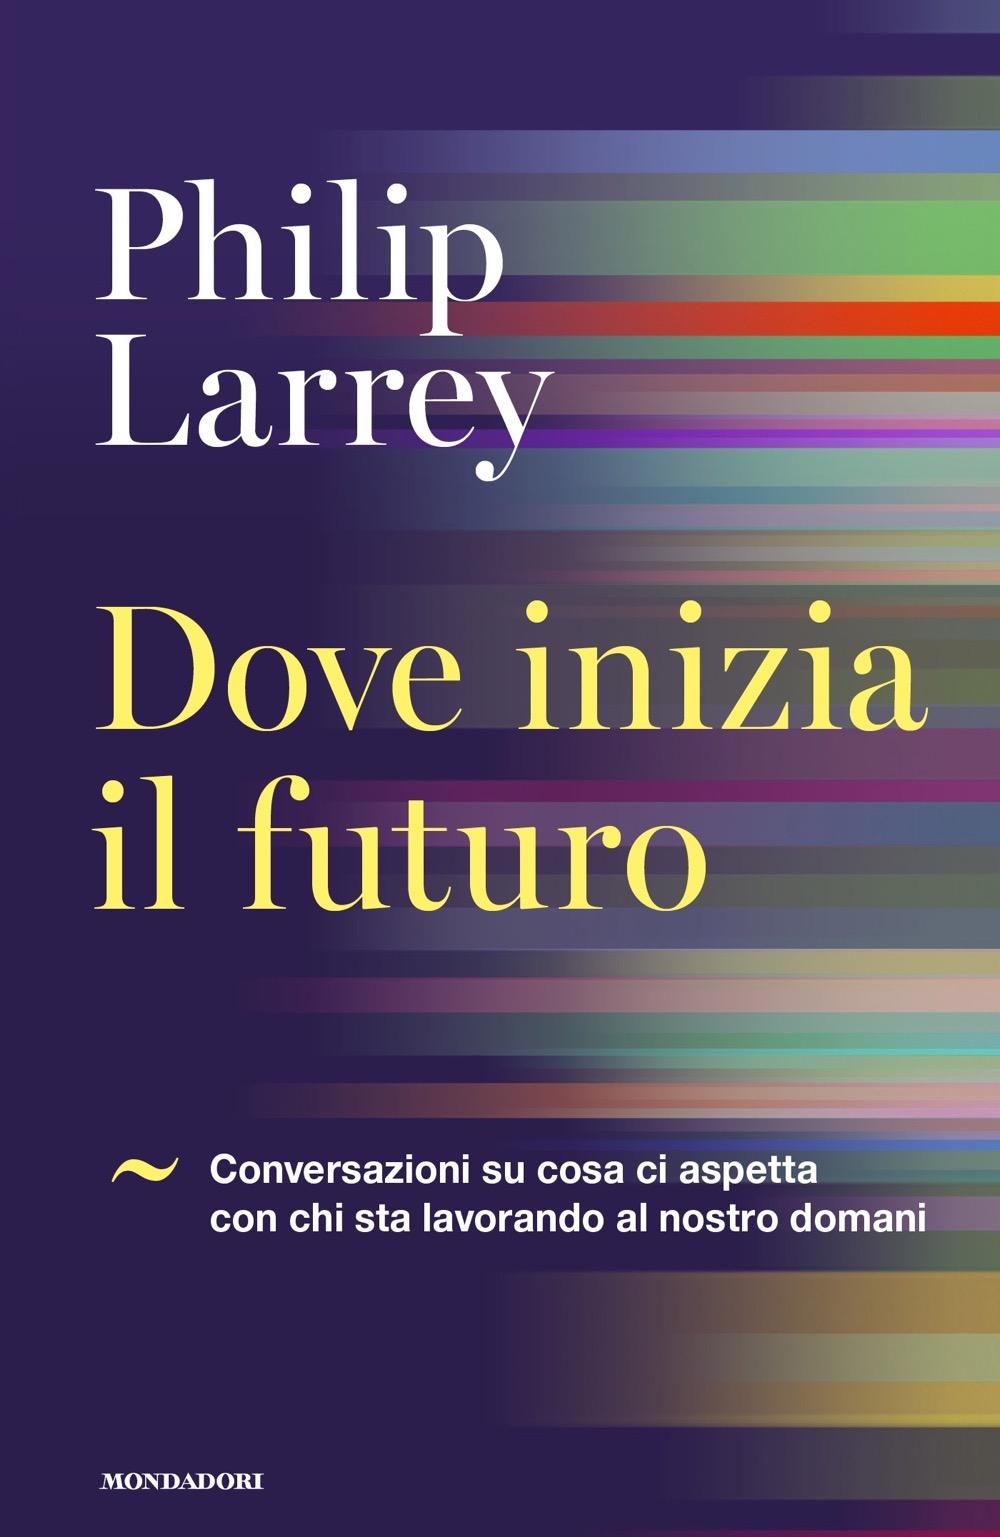 """PHILIP LARREY – """"Dove inizia il futuro;"""""""